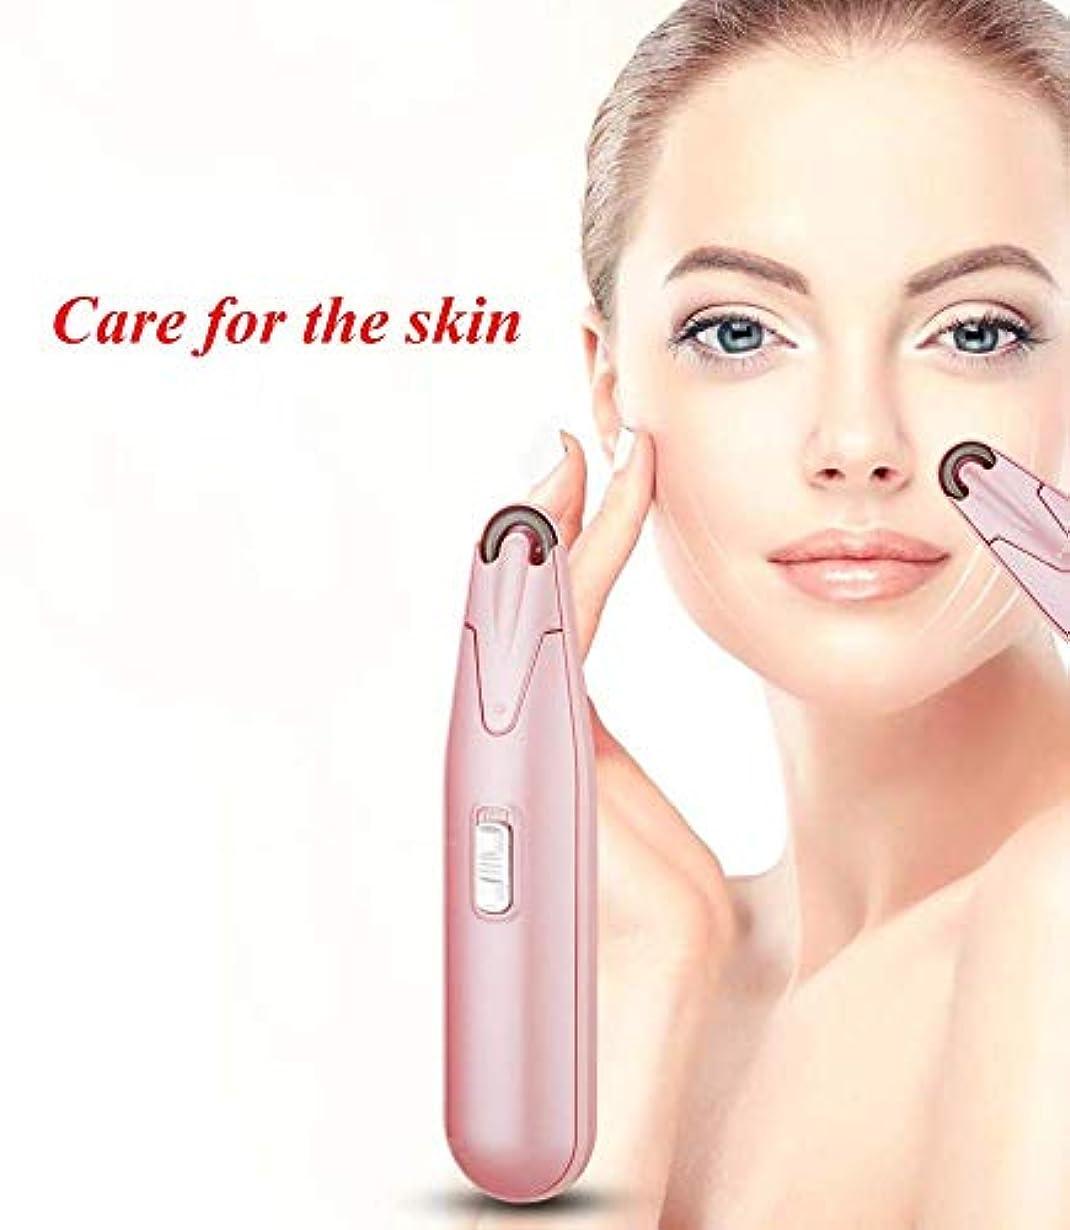 愛情深いミスペンド同意女性のための顔の毛の除去剤、顔の女性脱毛のための完璧な顔の毛の除去剤、頬、上唇、眉毛、ピーチファズ、指の毛